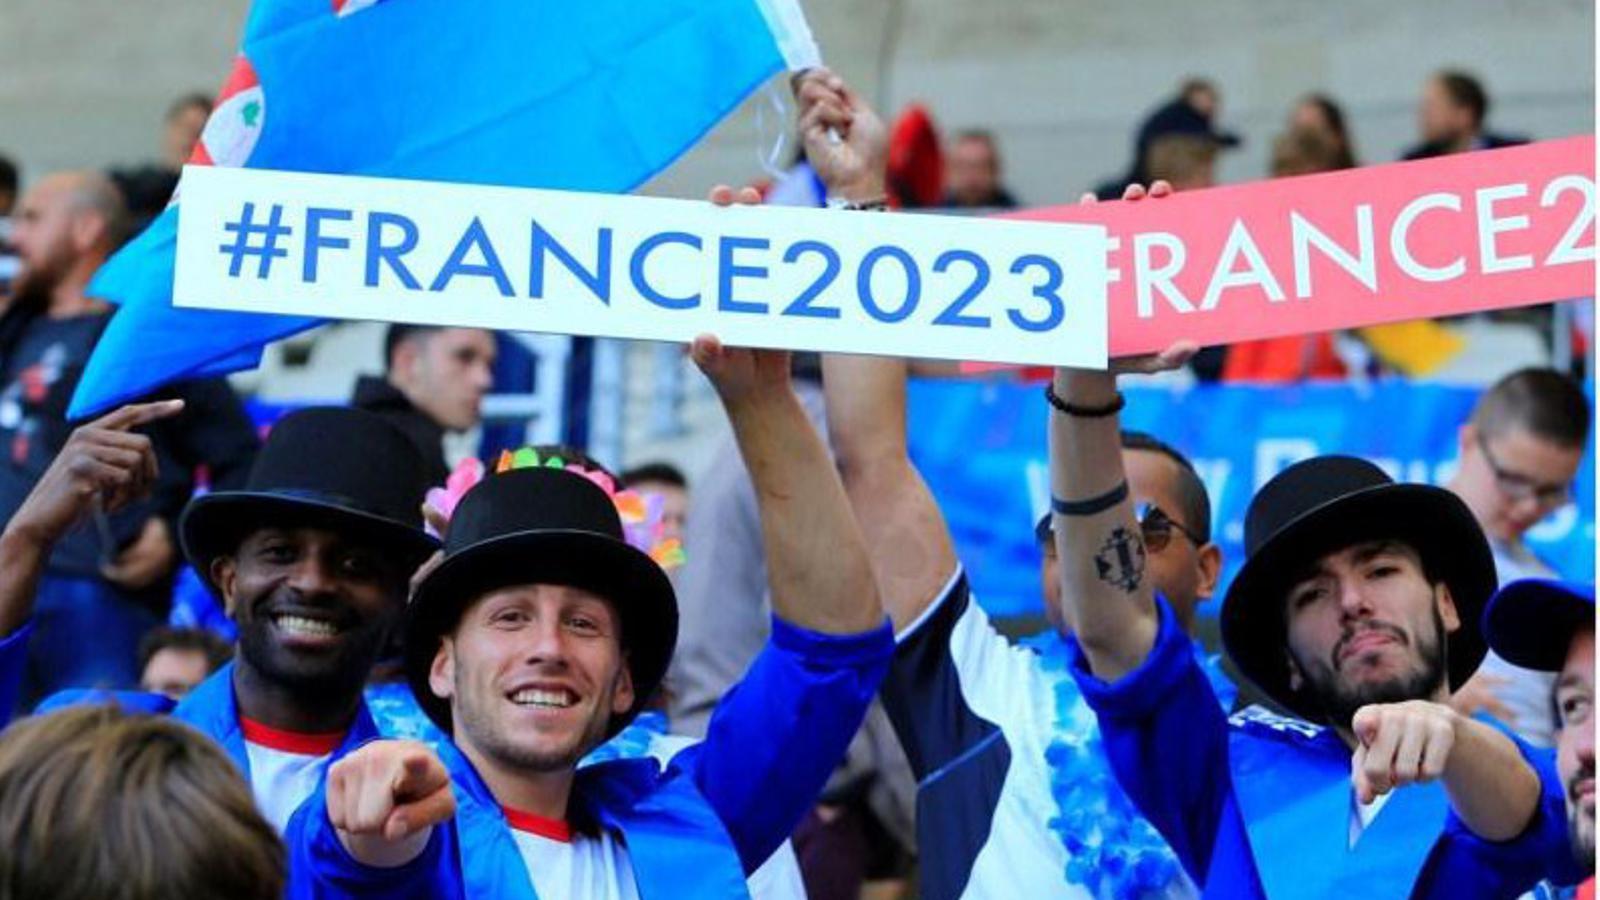 França, seu del Mundial de rugbi de l'any 2023